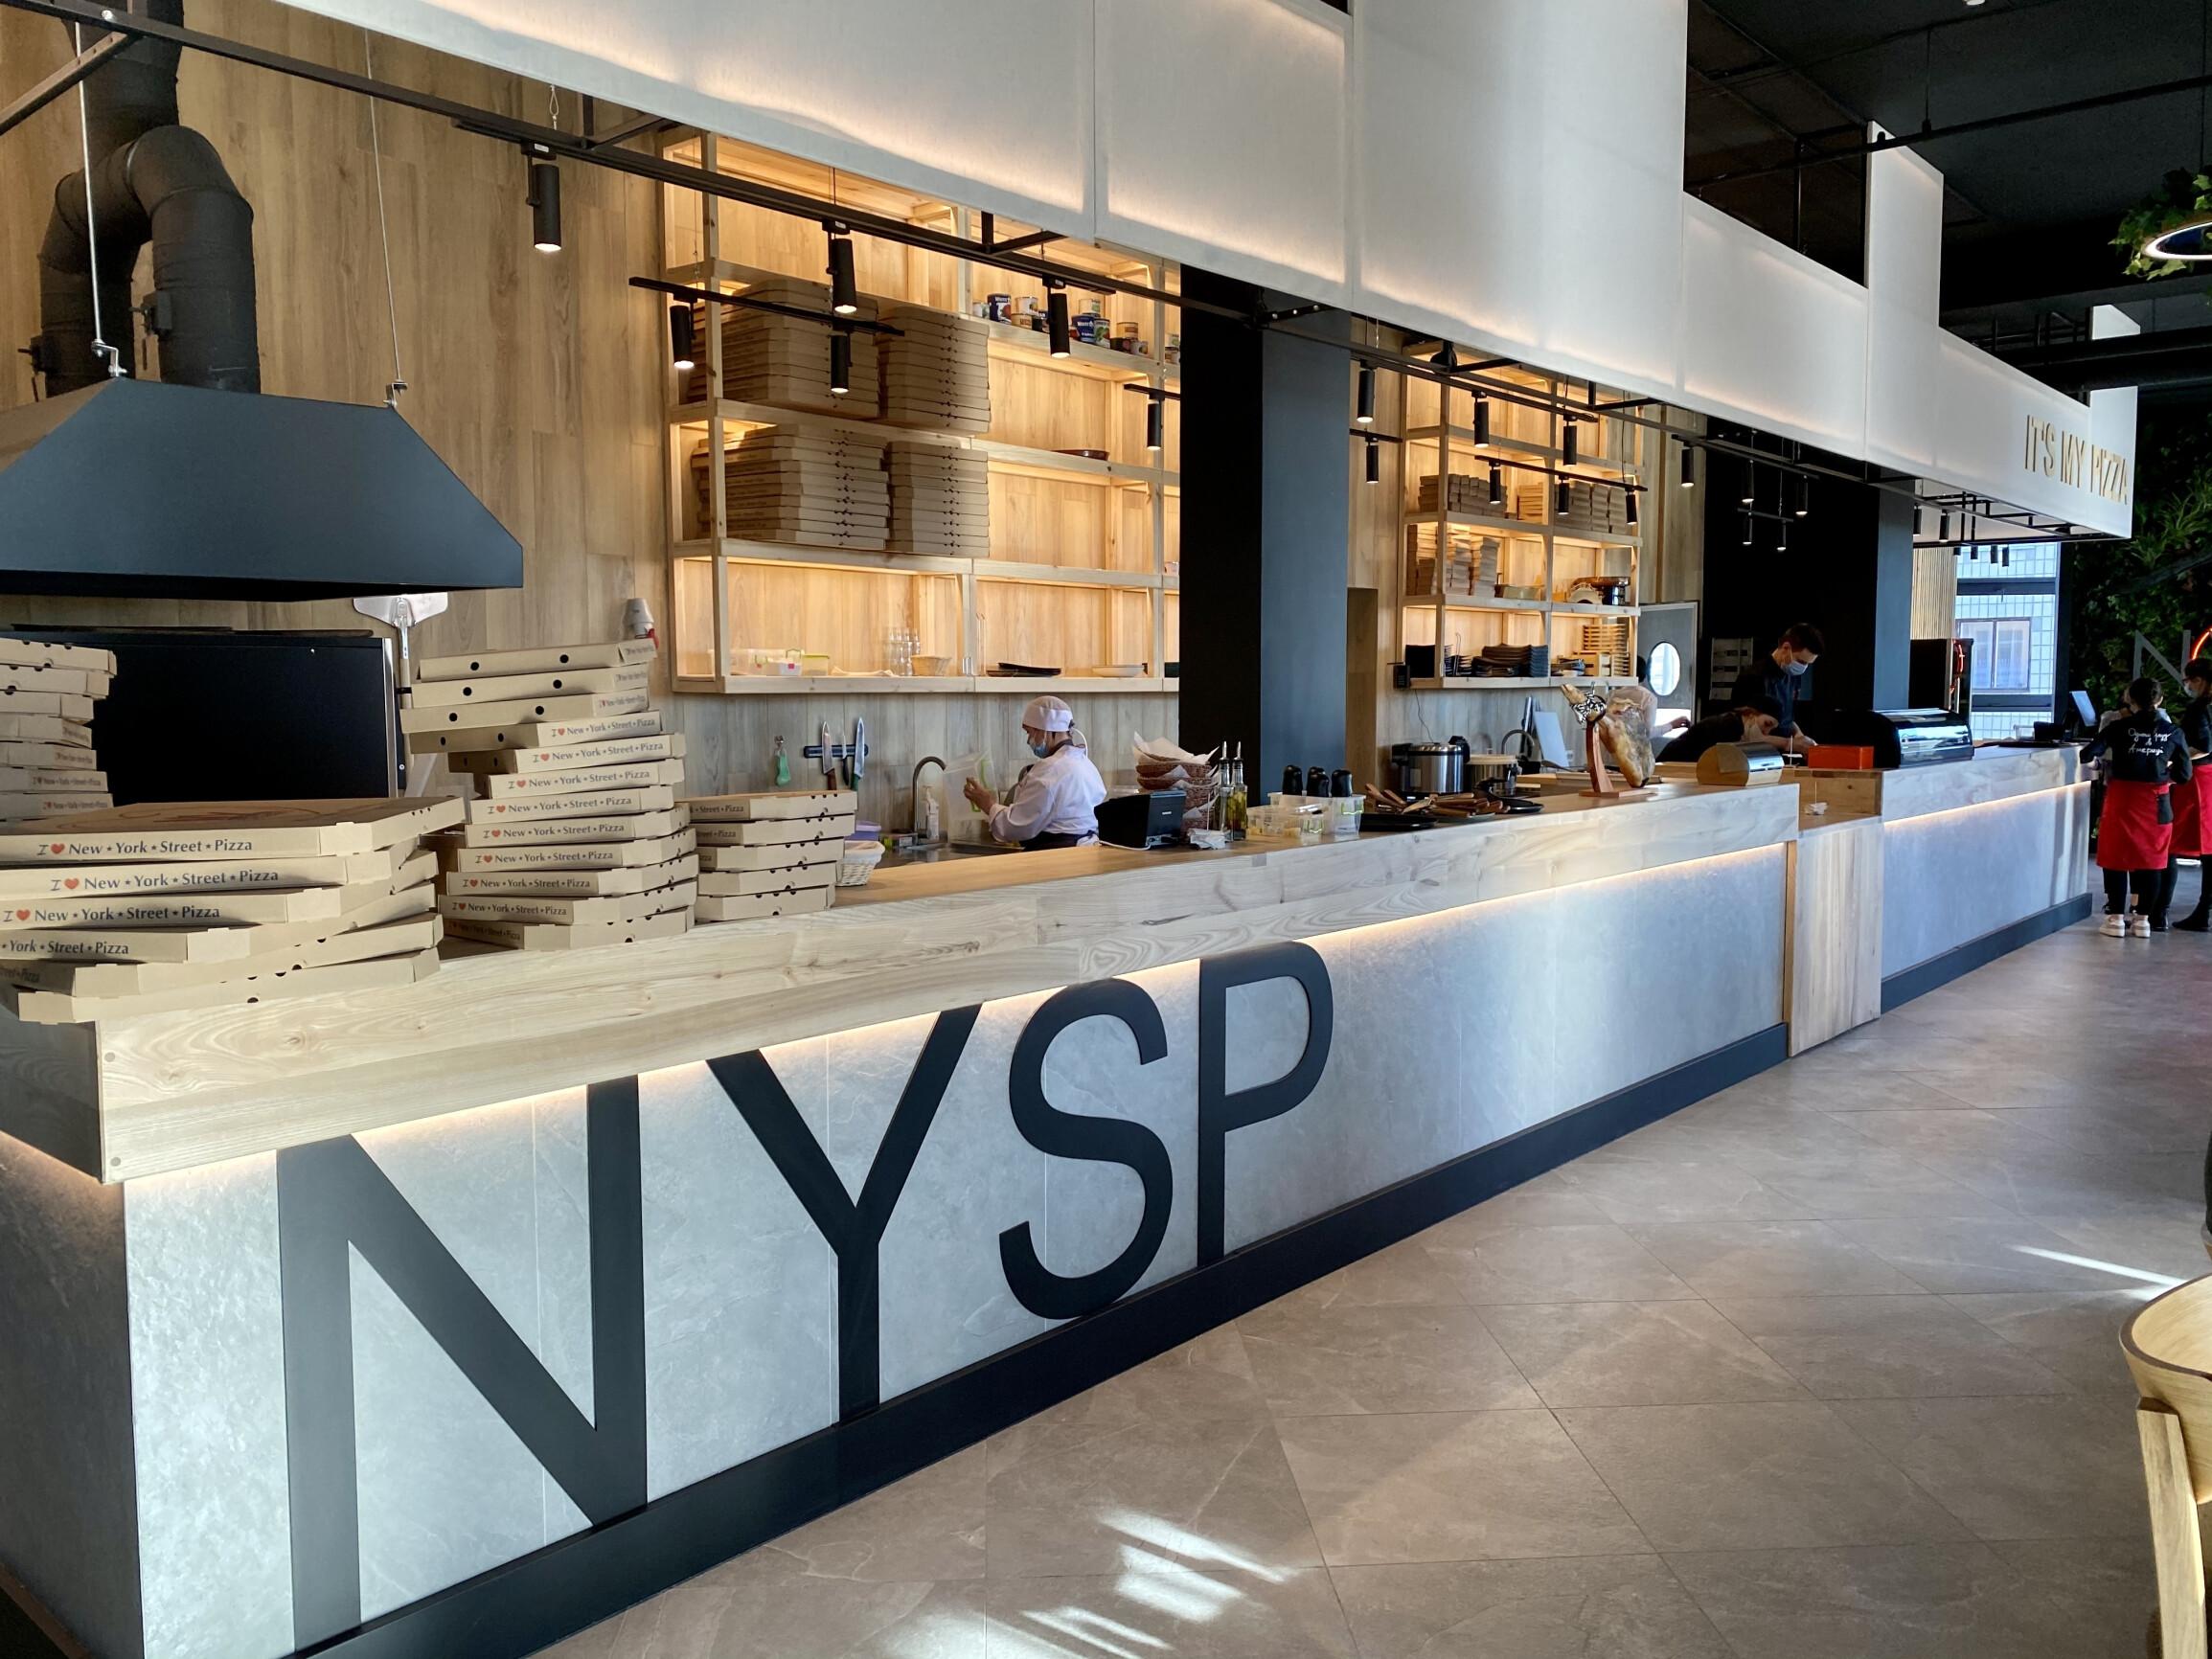 Зустрічайте оновлений New York Street Pizza!